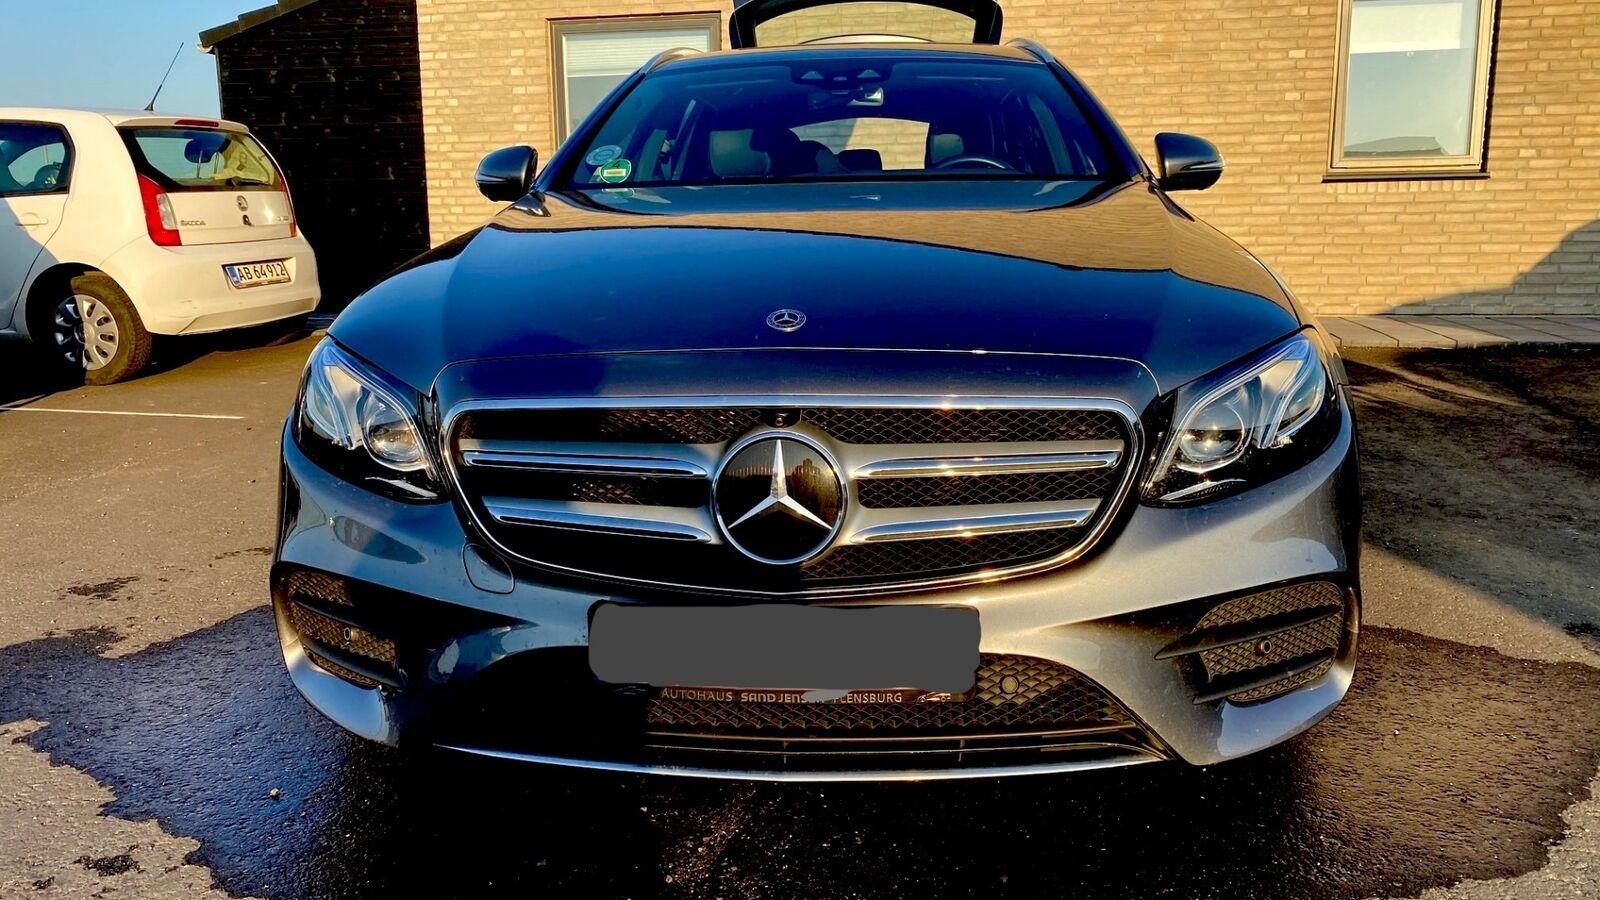 Mercedes E220 d 2,0 AMG Line stc. aut. 5d - 3.695 kr.